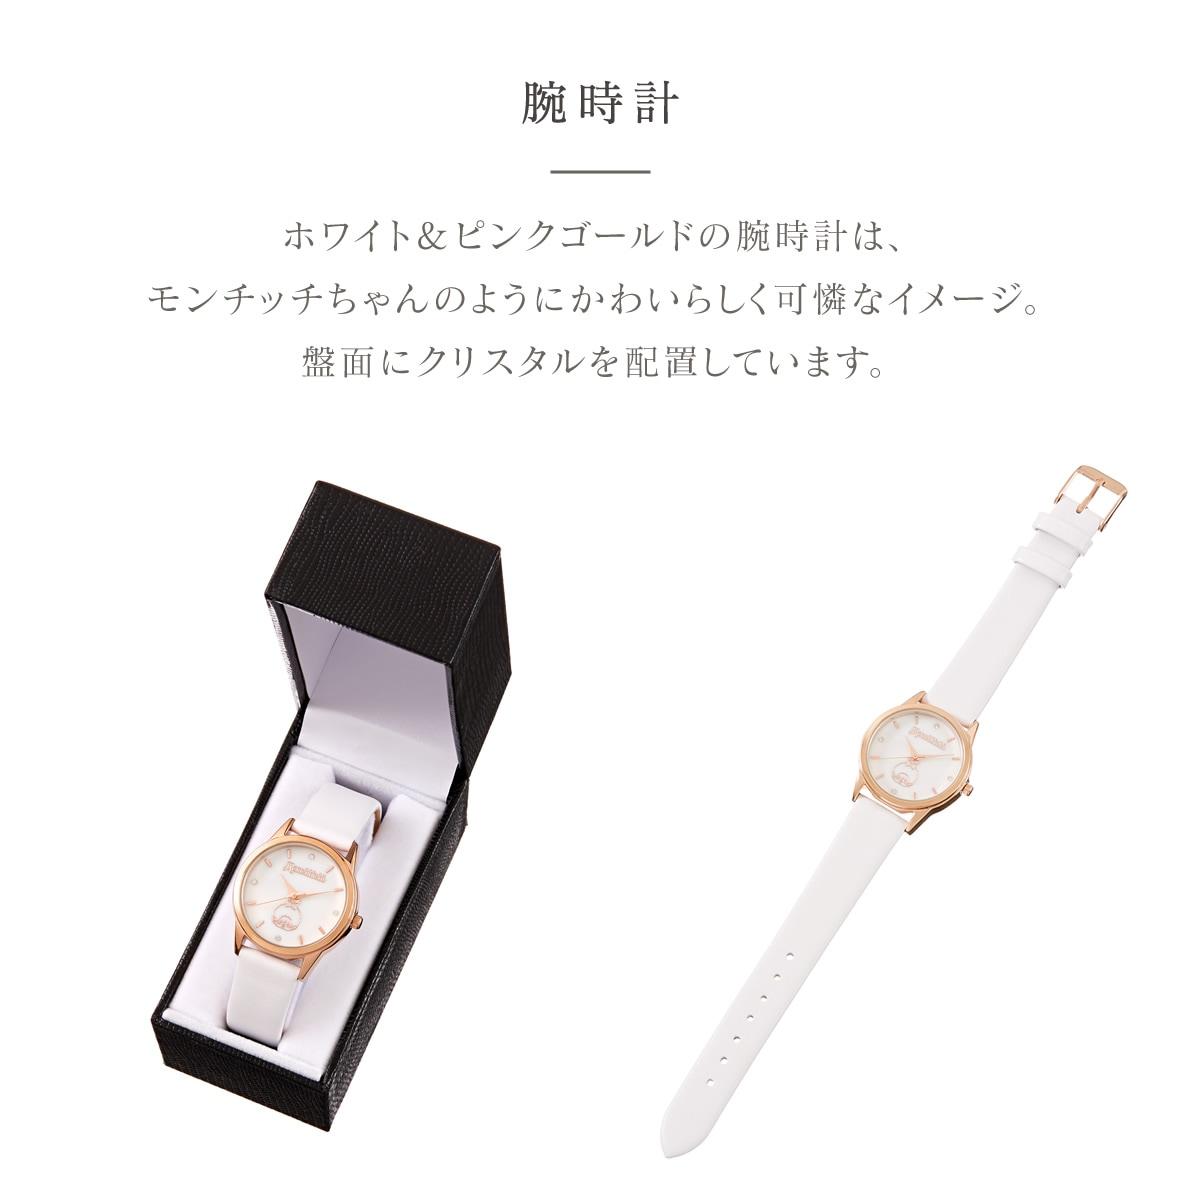 ホワイト&ピンクゴールドの腕時計は、モンチッチちゃんのようにかわいらしく可憐なイメージ。盤面にクリスタルを配置しています。